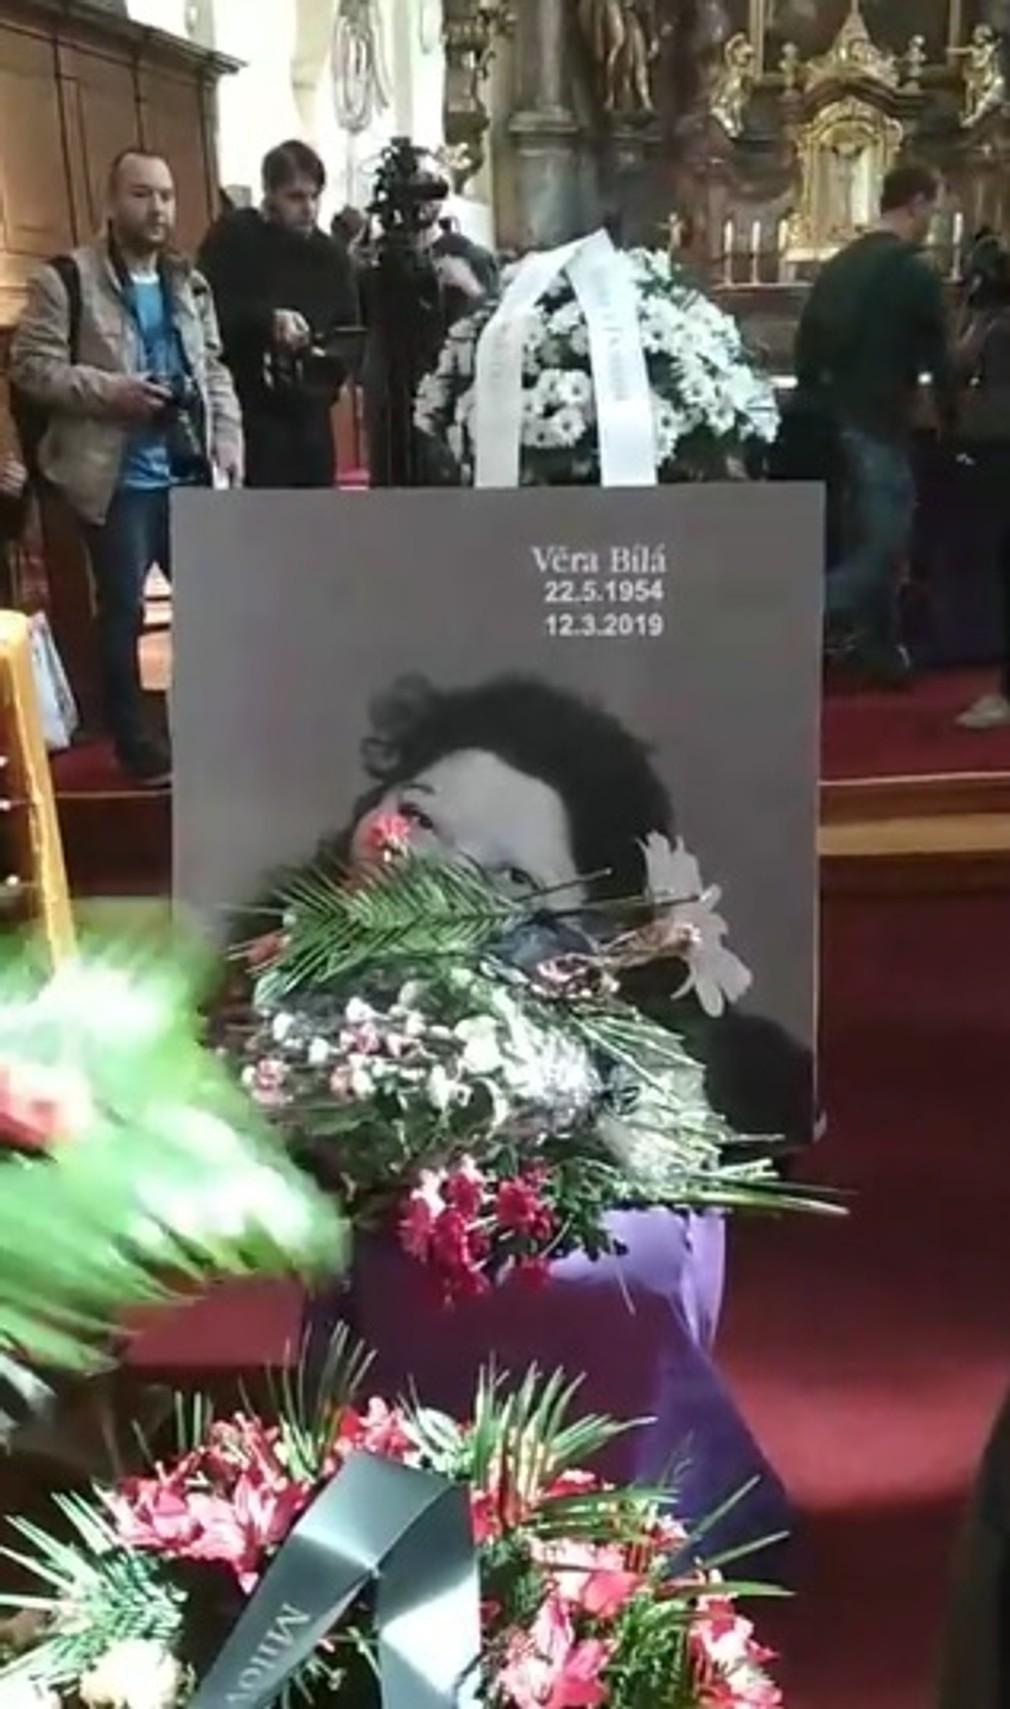 Pohreb Vera B